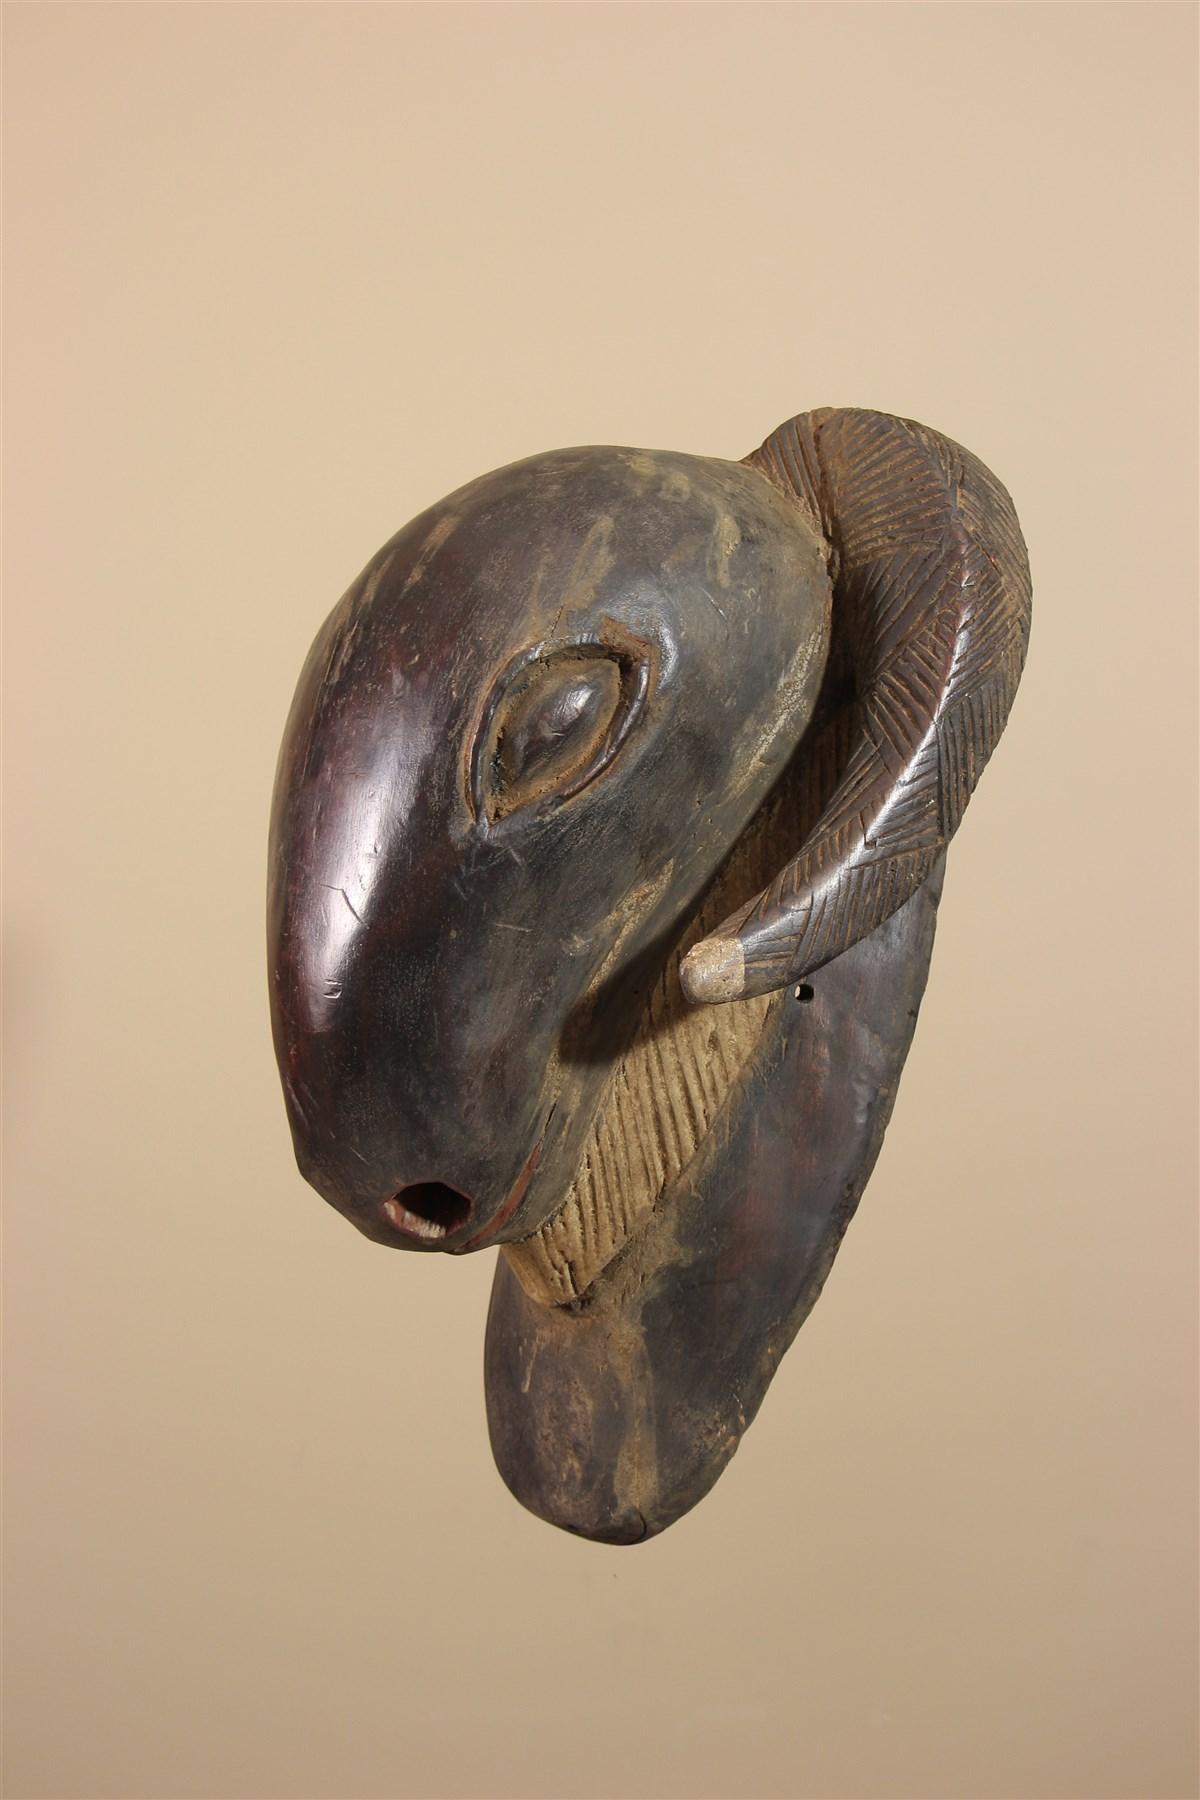 Grand masque bélier de Côte d'Ivoire - Déco africaine - Art africain traditionnel